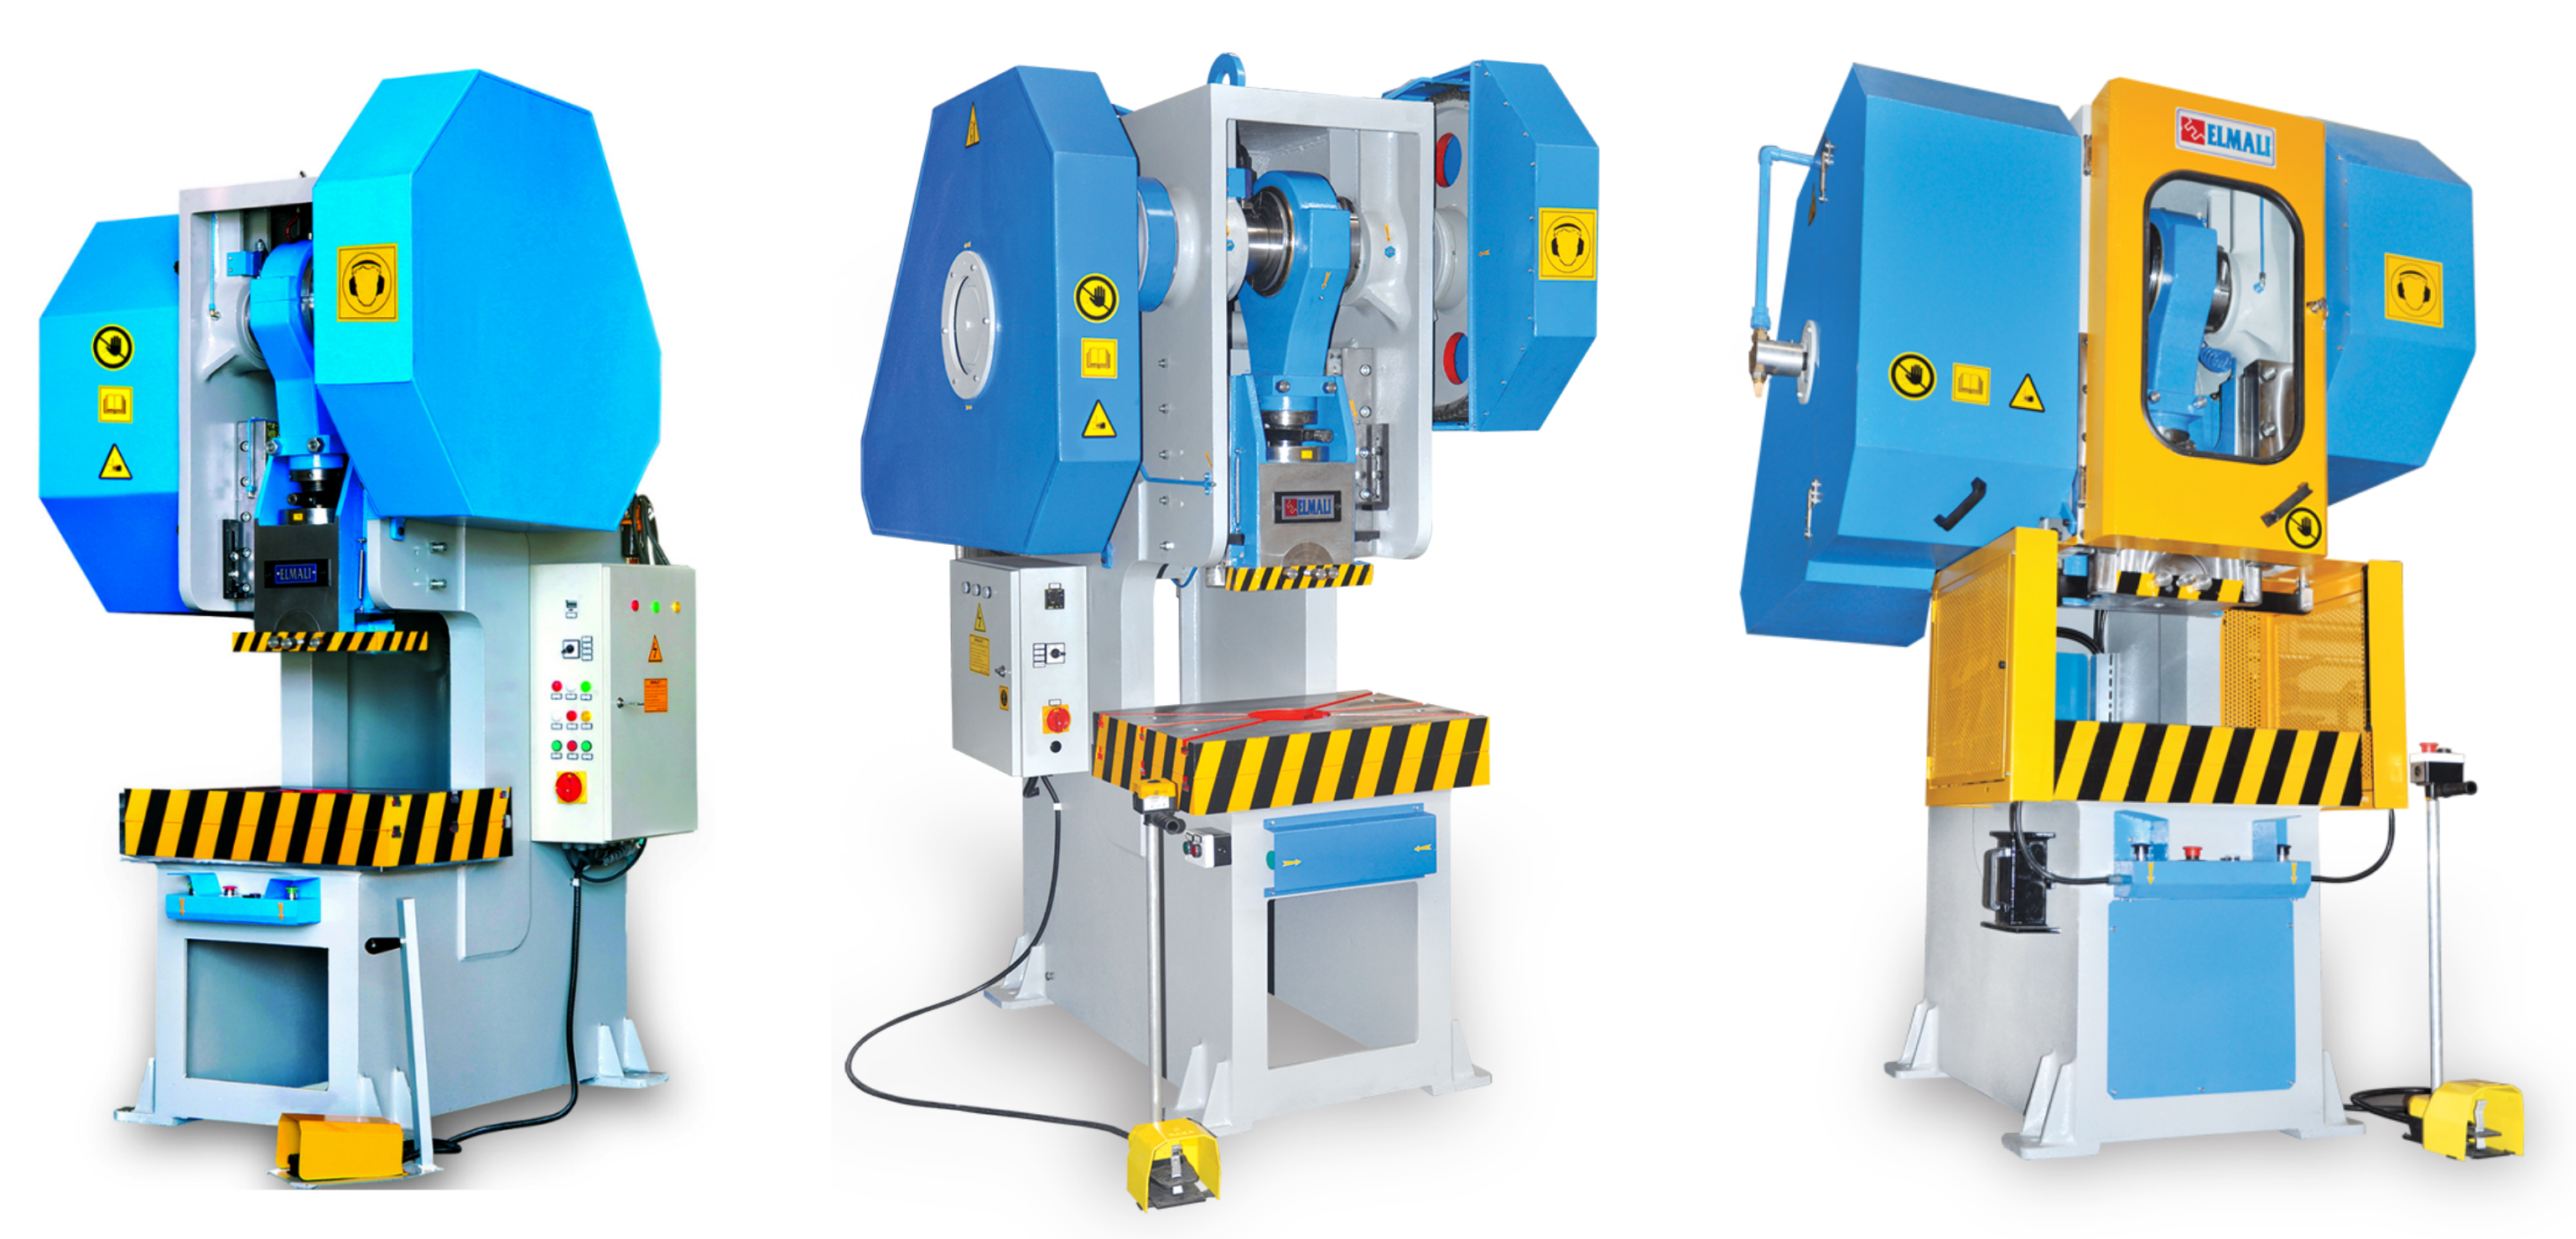 C Type Mechanical Press machine Eccentric Press supplier from Turkey turkish equipment